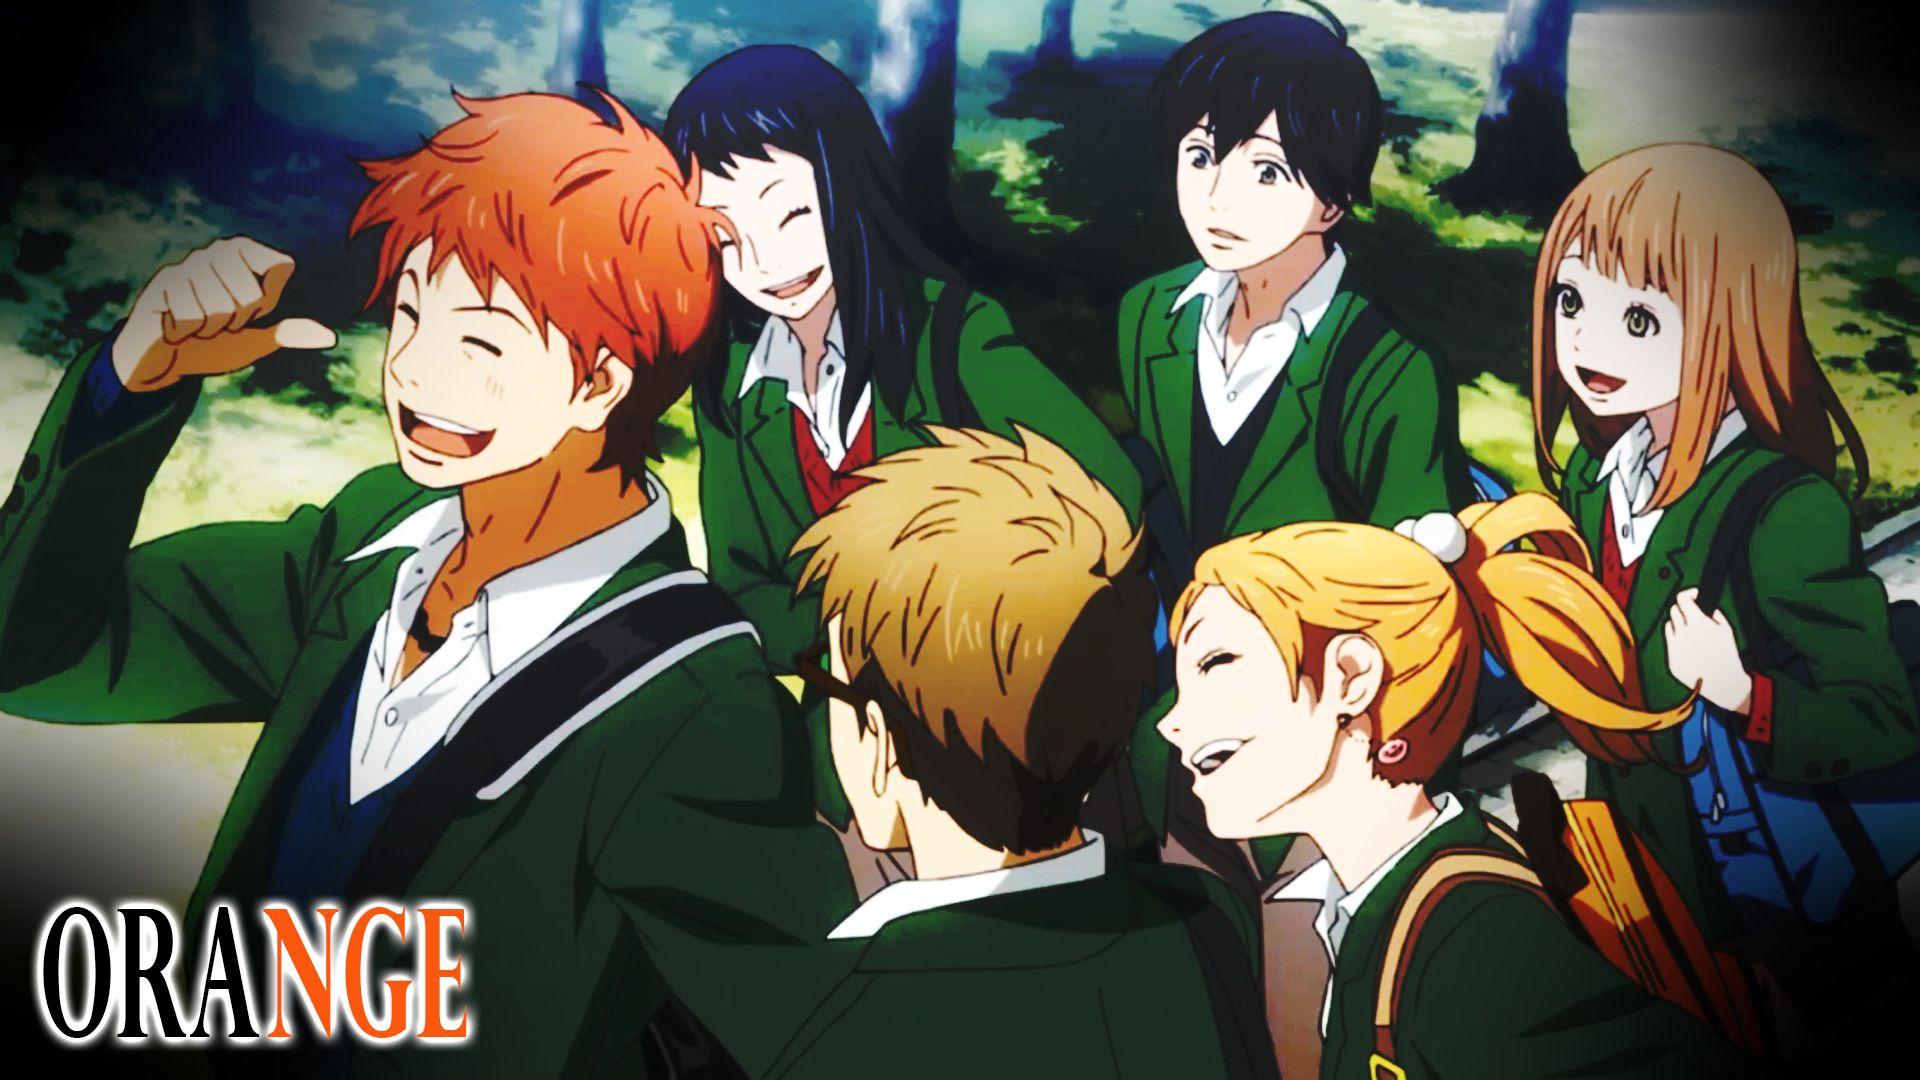 Anime Orange  Desktop Wallpaper Cosas Que Ponerse